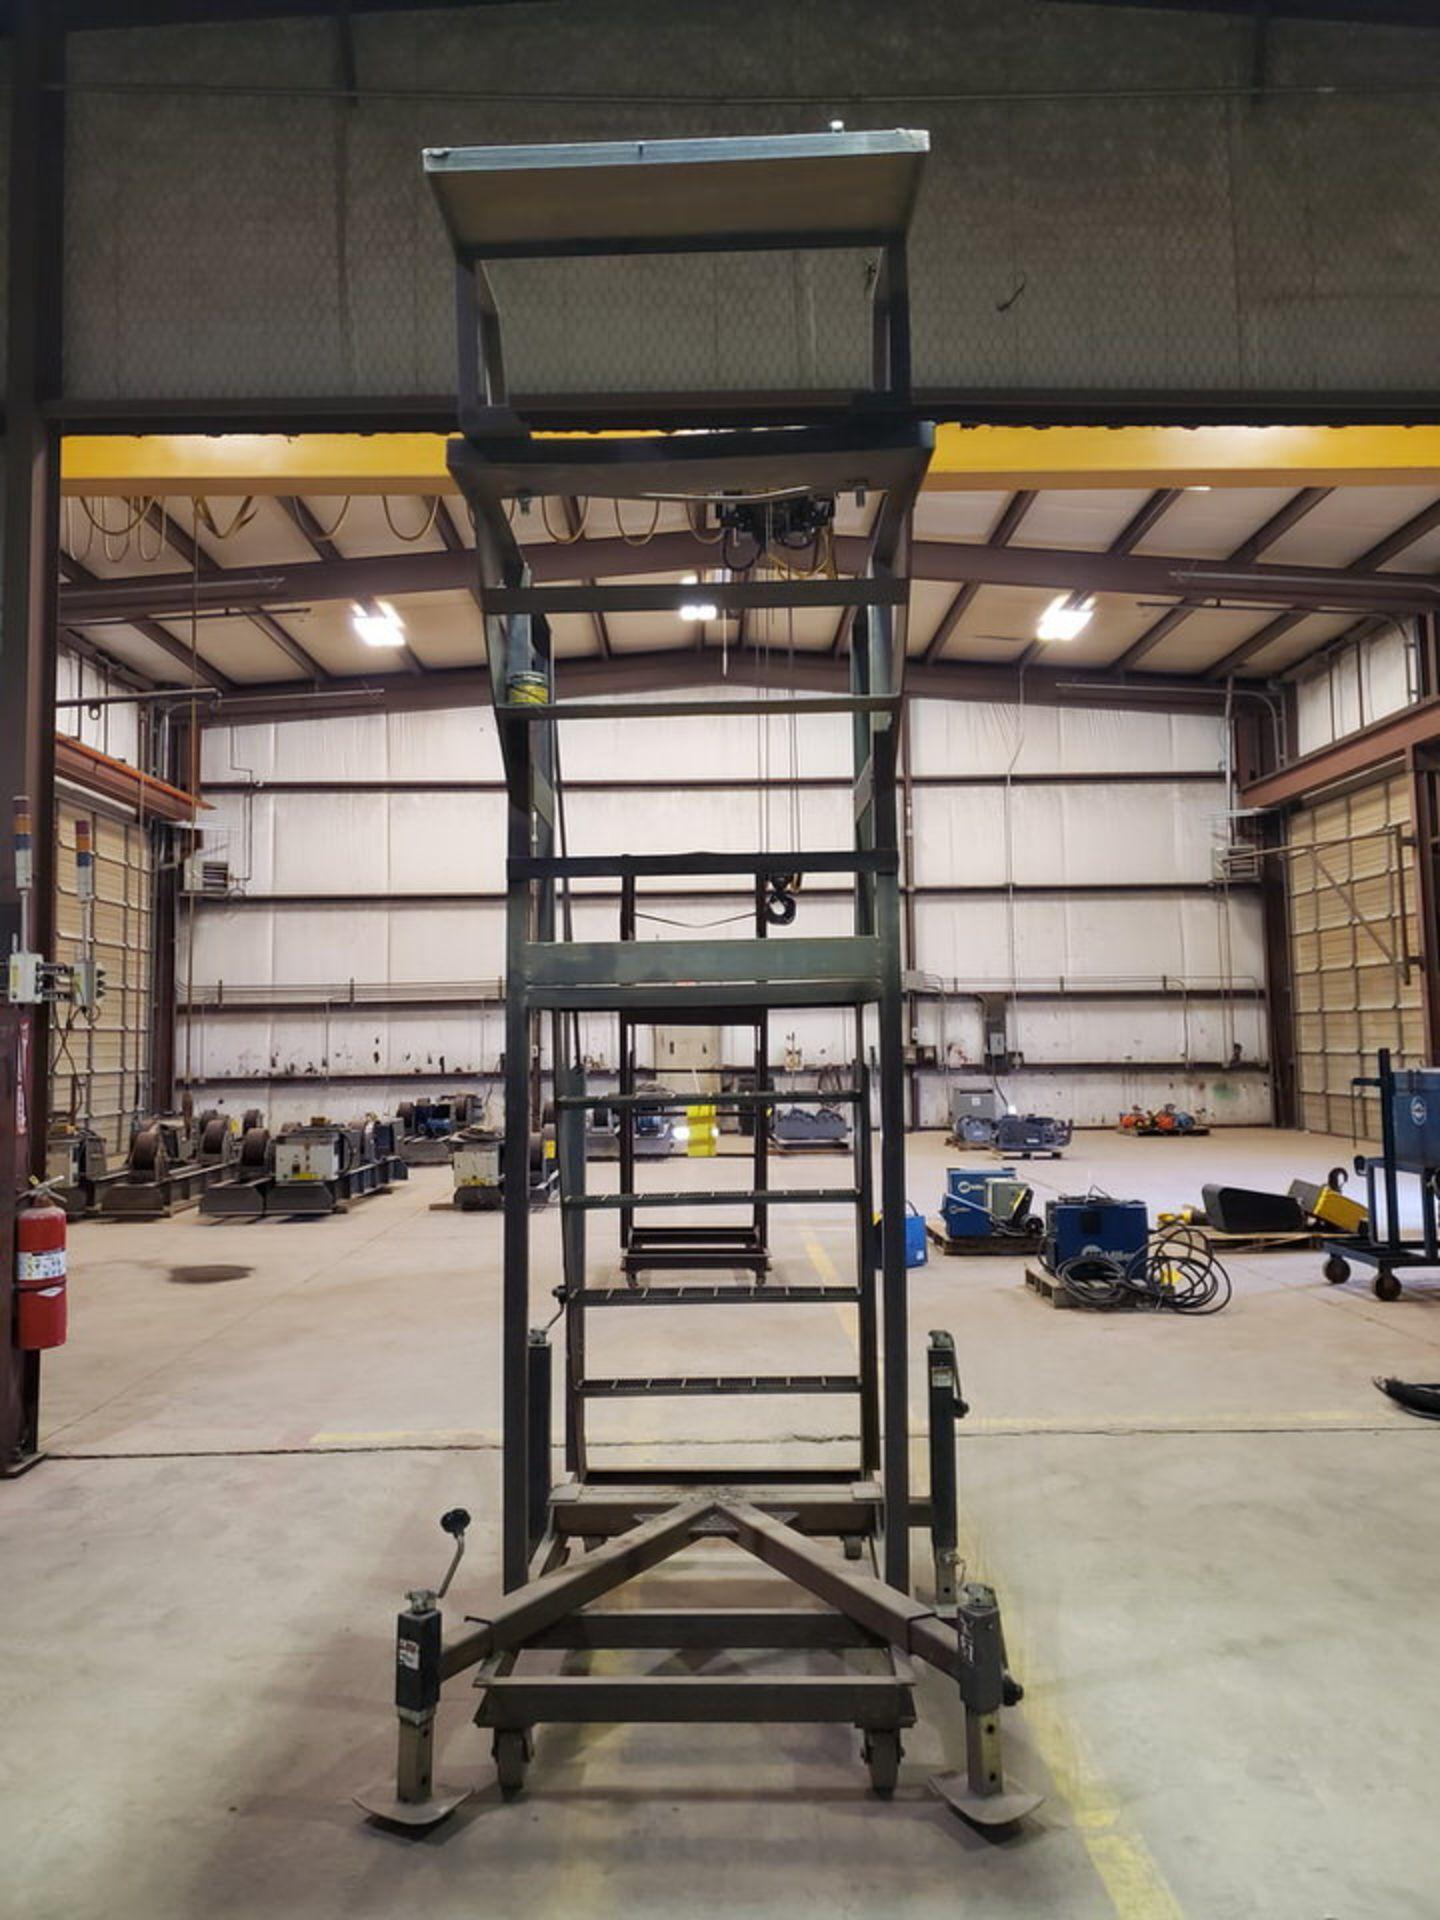 """Stl 4-Step Roling Platform Ladder 6' x 4'6"""" x 10'H; 7K Cap. - Image 6 of 8"""